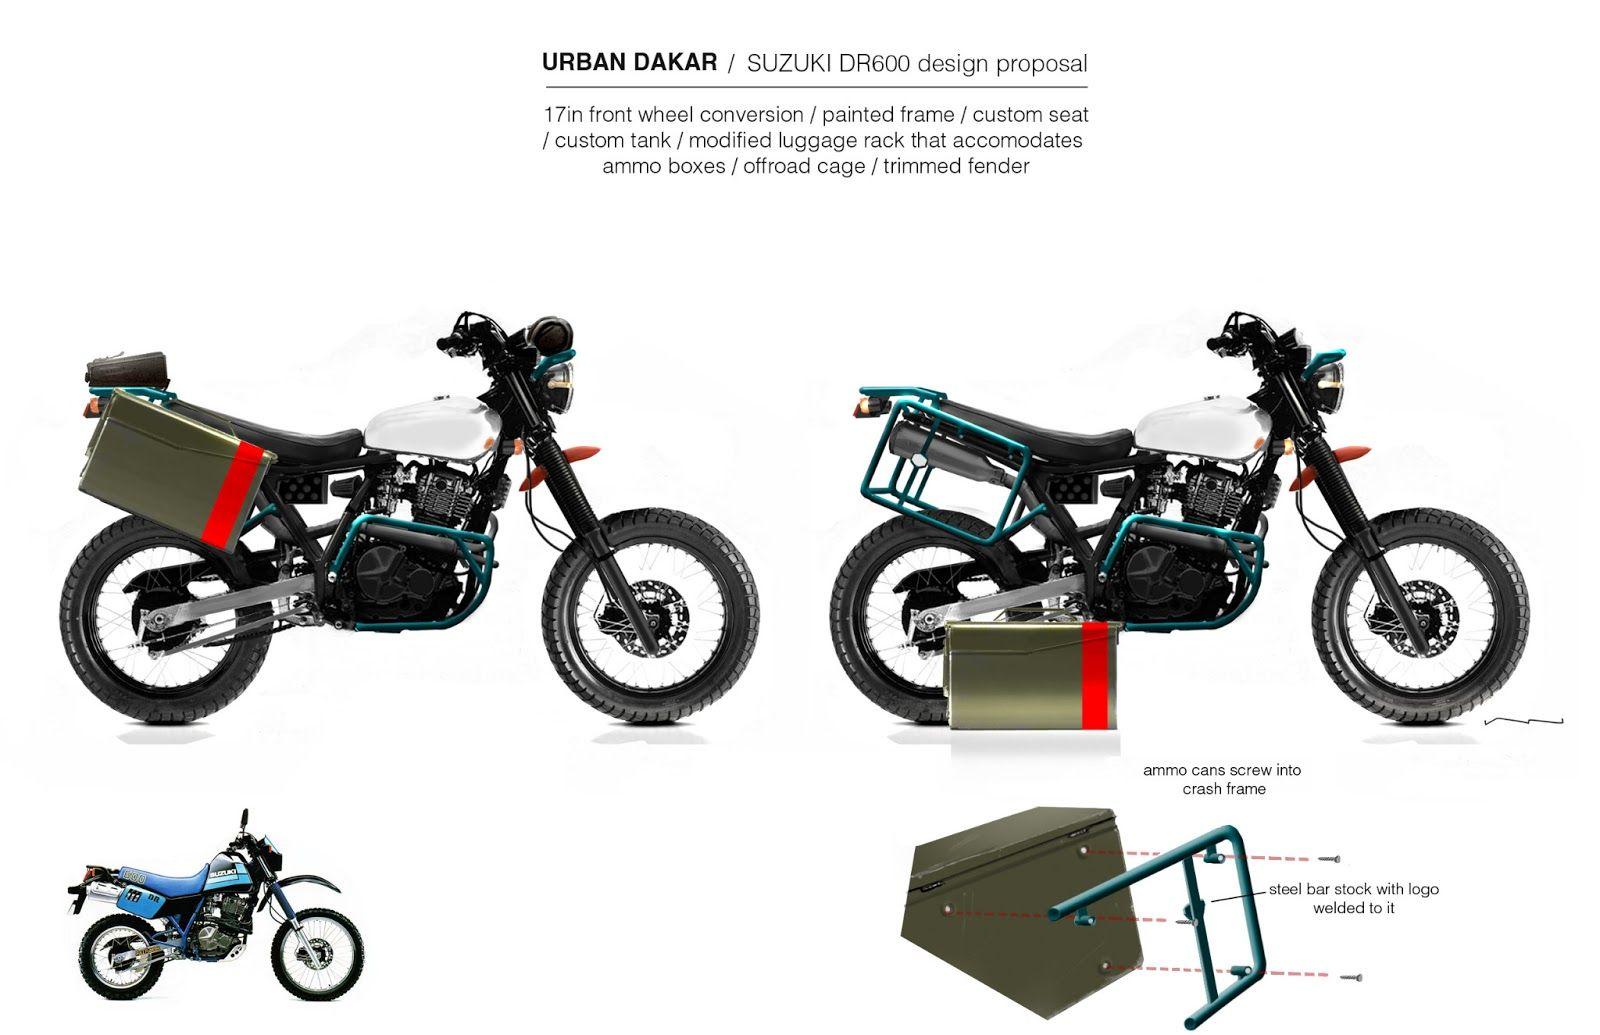 Custom Bike Concept 001 Urban Dakar Custom Bikes Custom Tanks